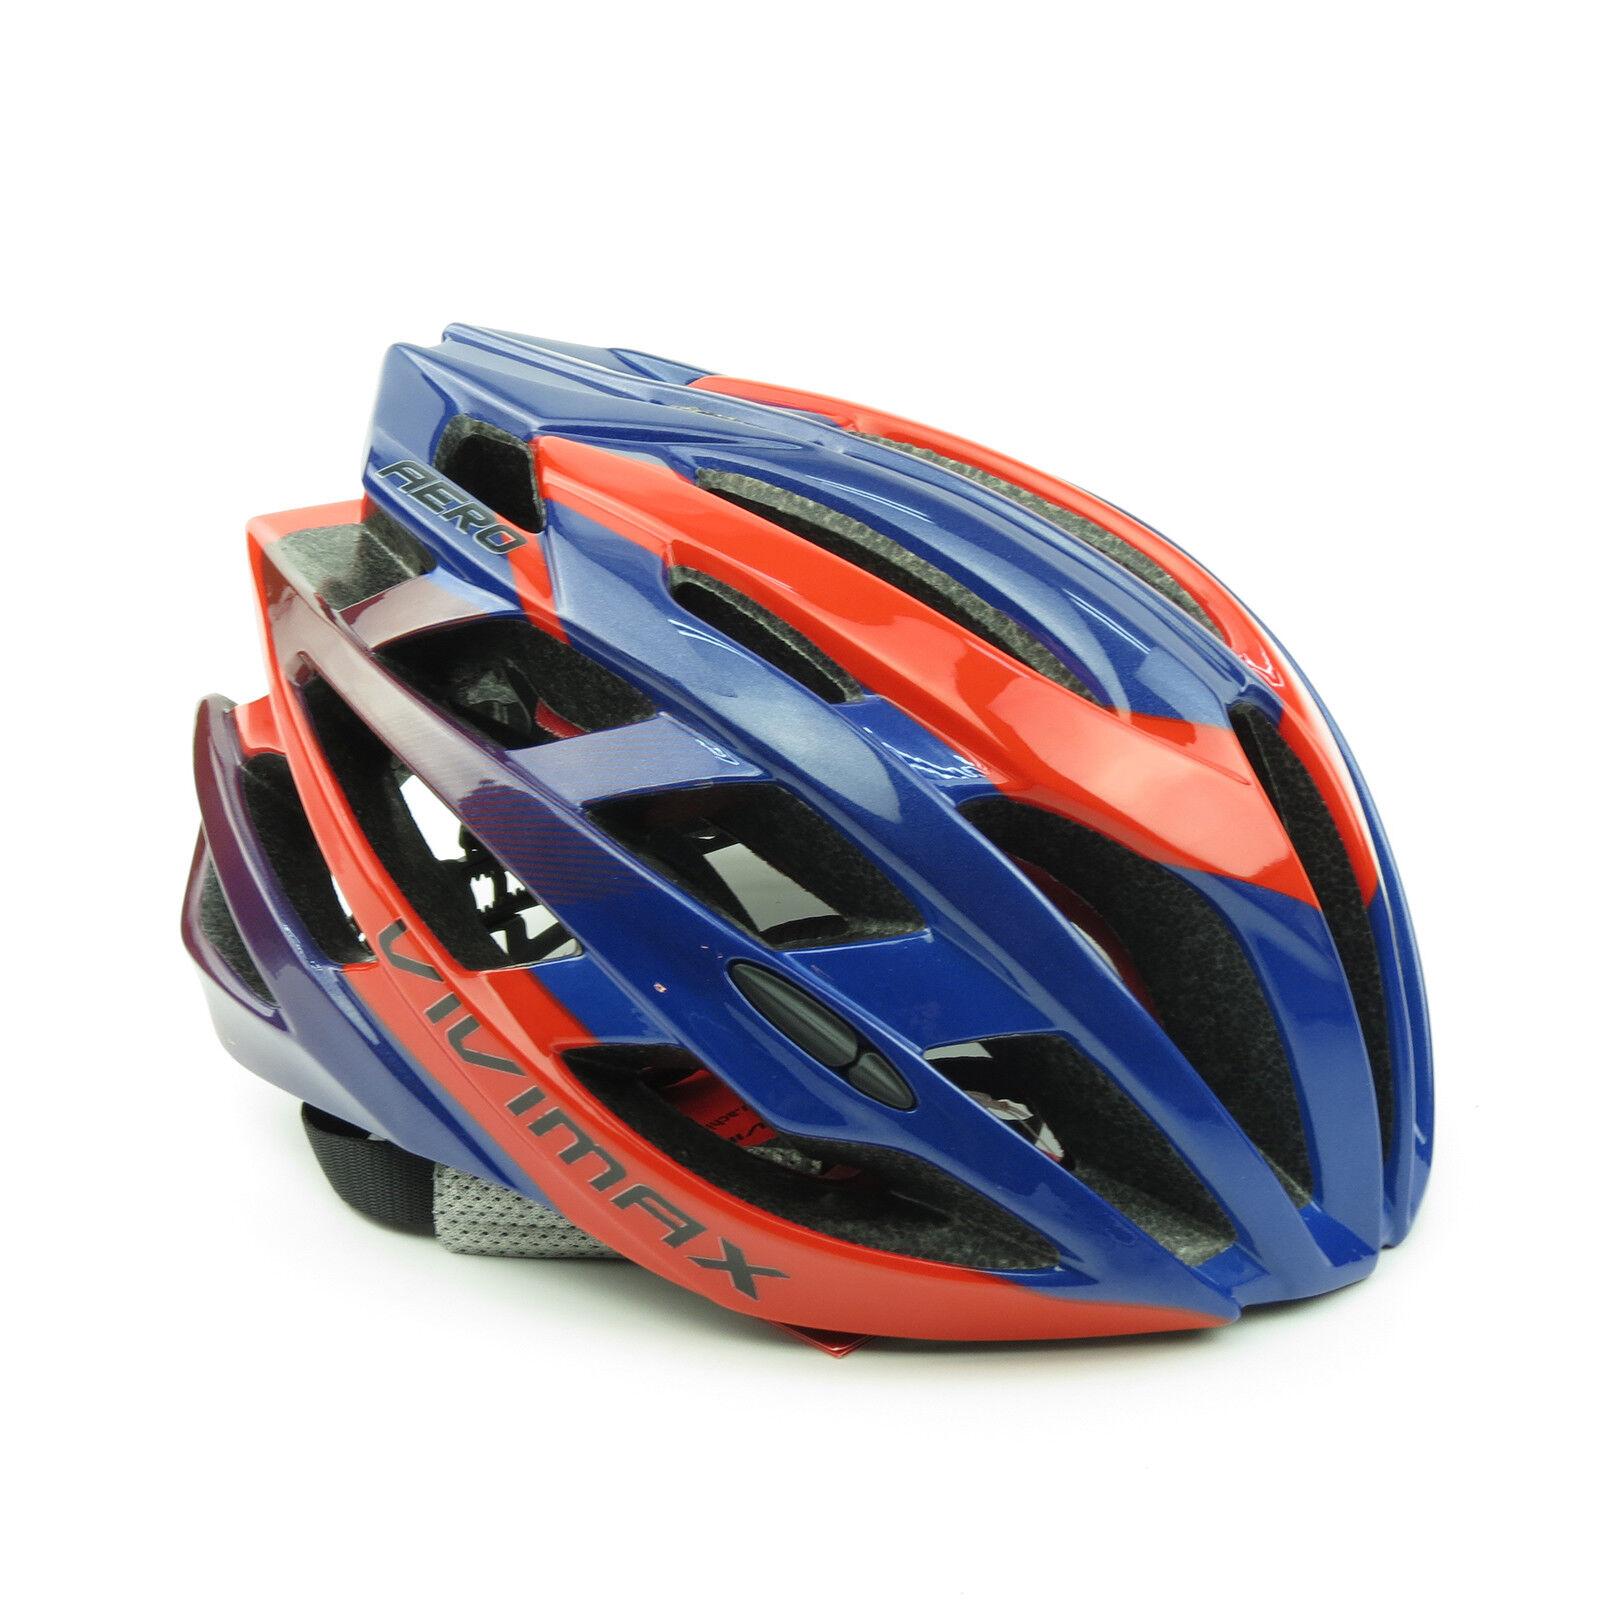 VIVIMAX Aero  Road Bike Bicycle Cycling Helmet X XL 58-62cm - Shinny bluee x Red  best fashion